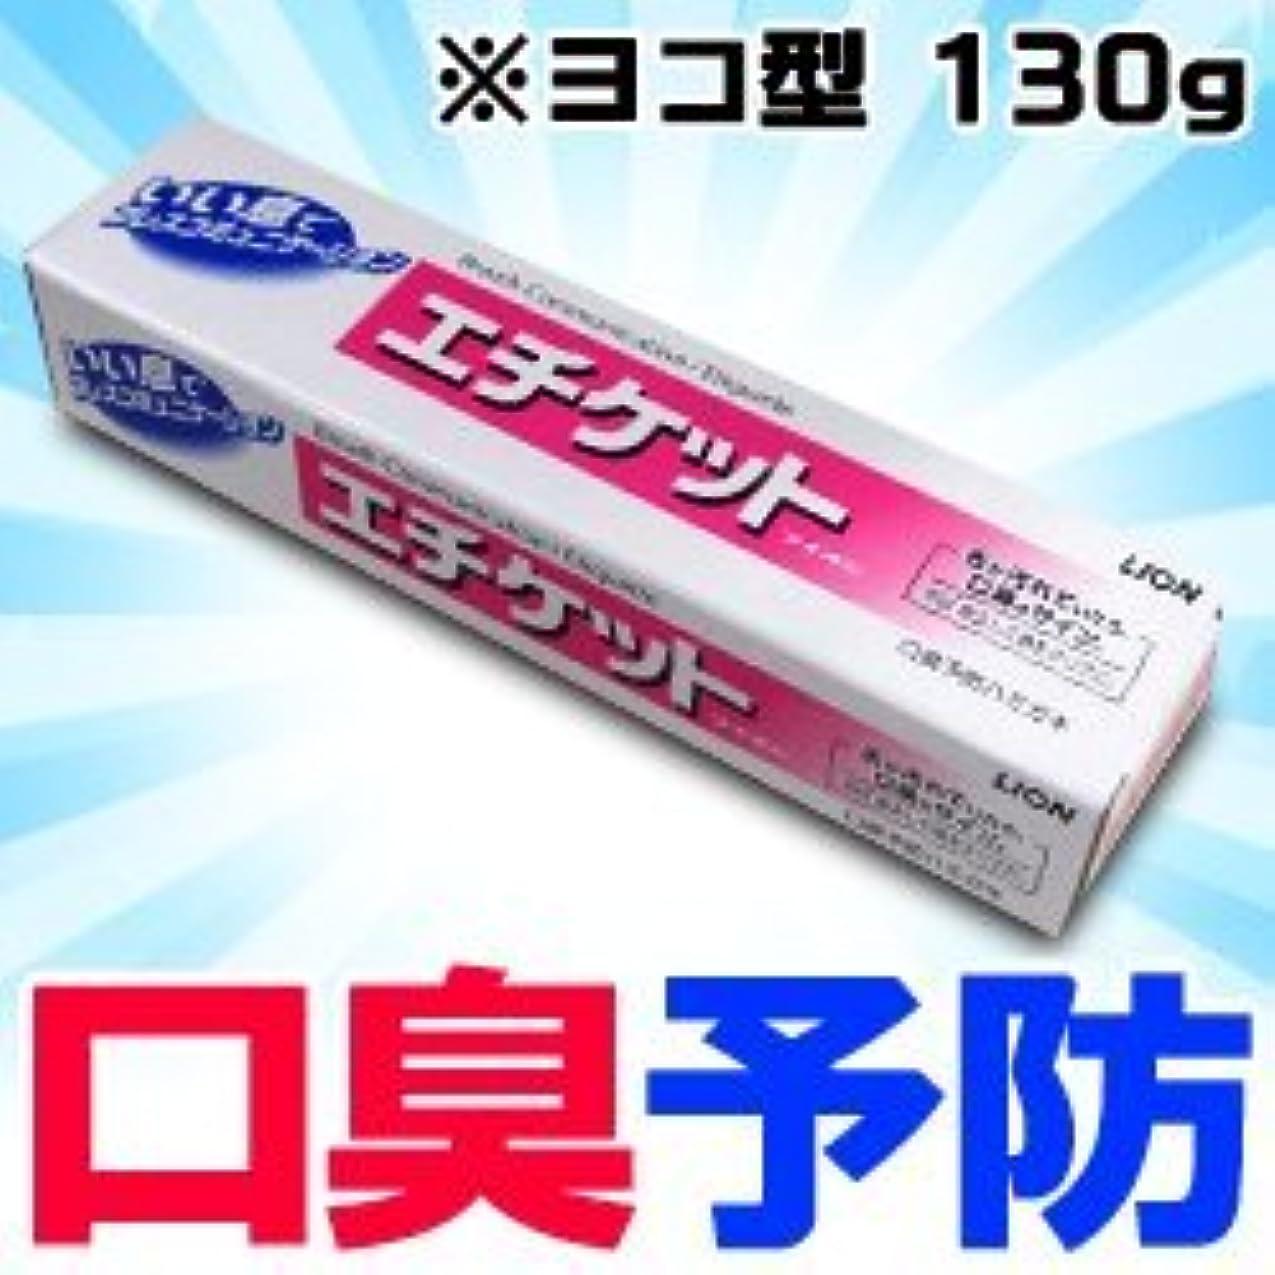 本体連合ダーリン【ライオン】口臭予防ハミガキ「エチケットライオン」 130g ×10個セット